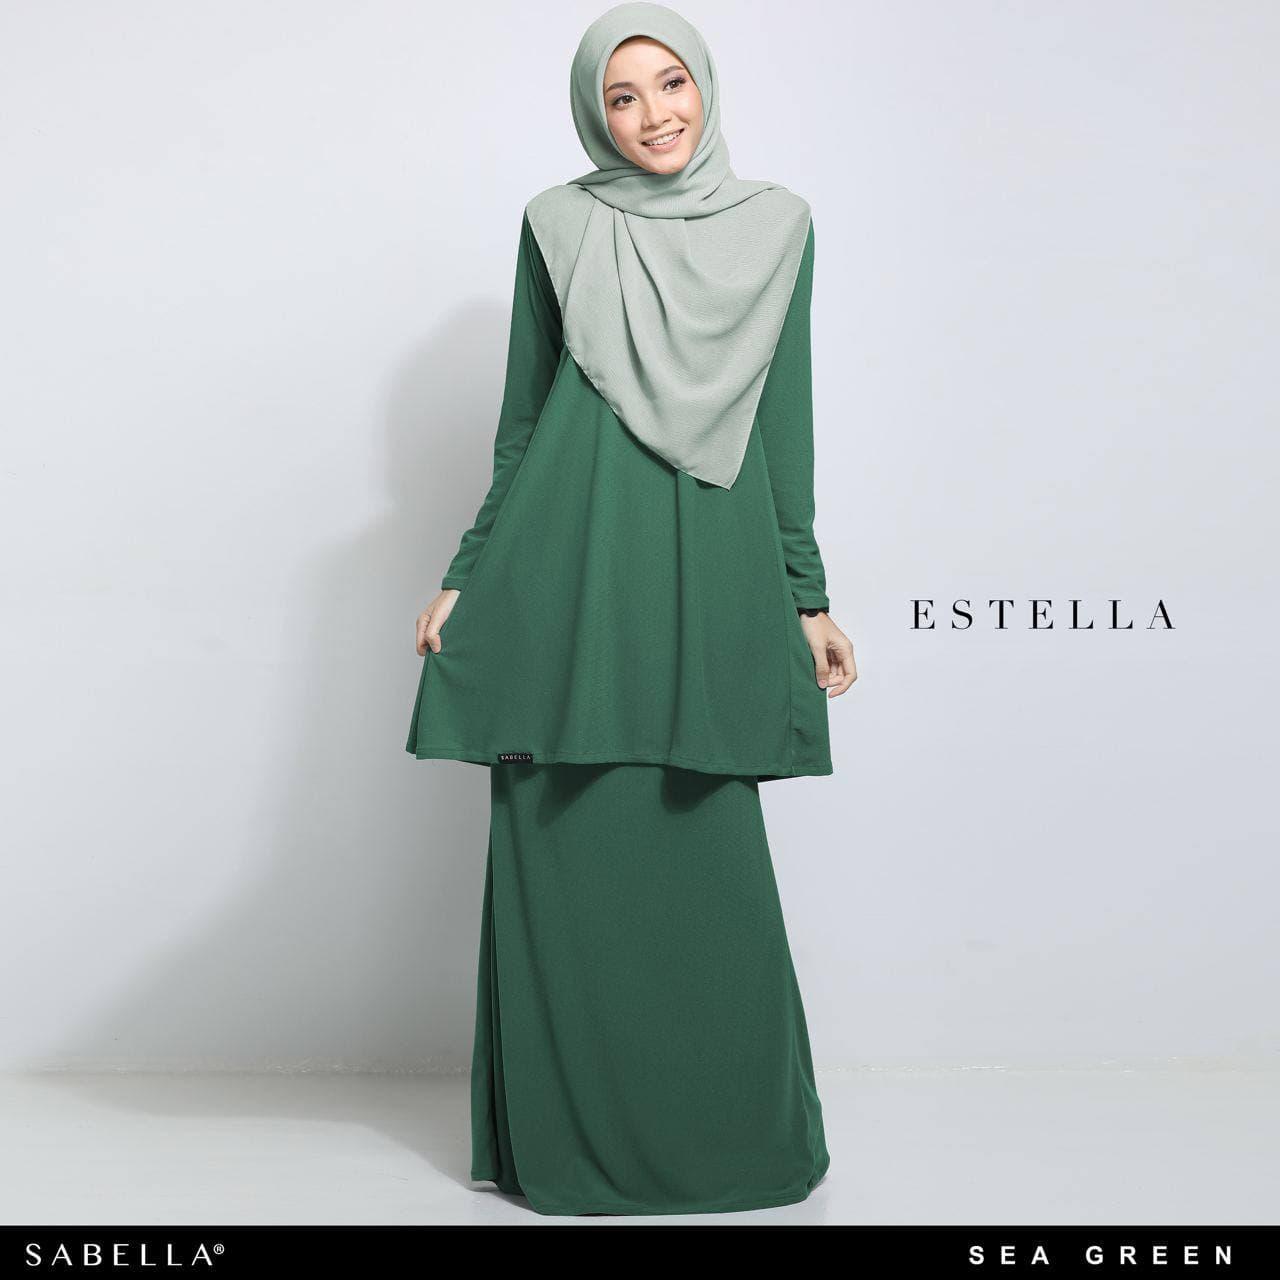 Estella 2.0 Sea Green